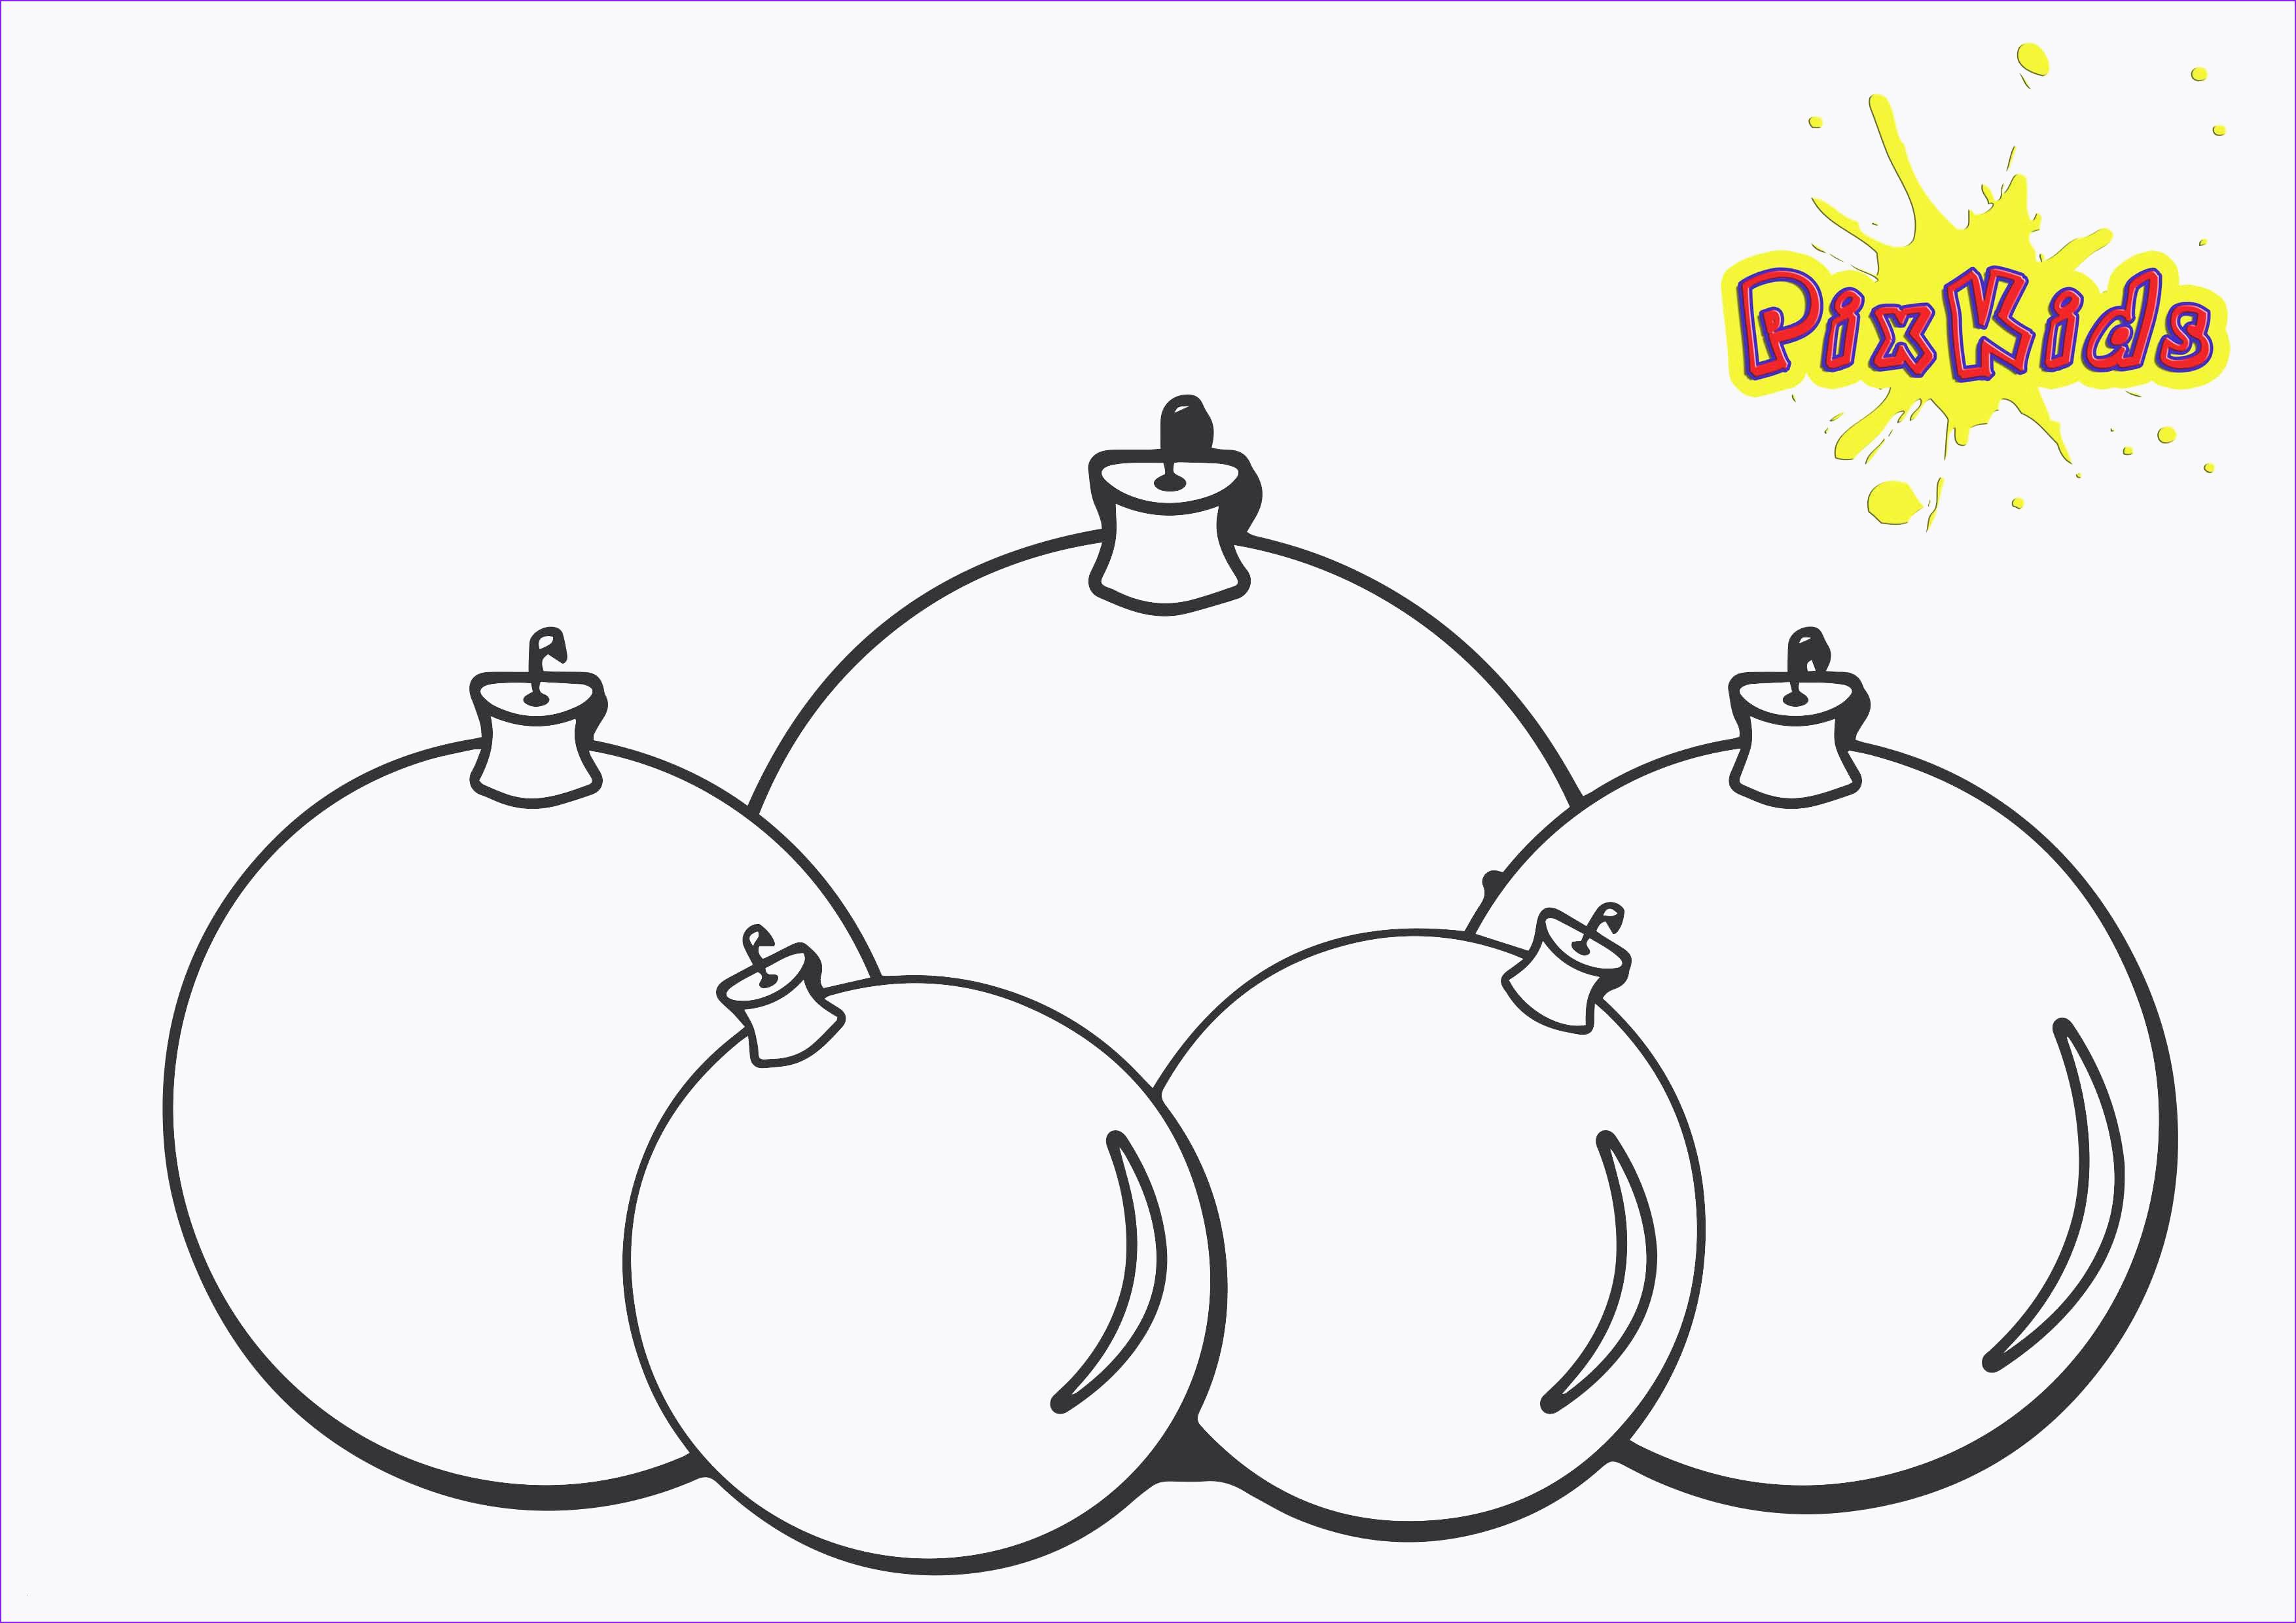 Ausmalbilder Weihnachten Ausdrucken Einzigartig Wunschzettel Zum Ausdrucken Schön Wunschzettel Zum Fotografieren